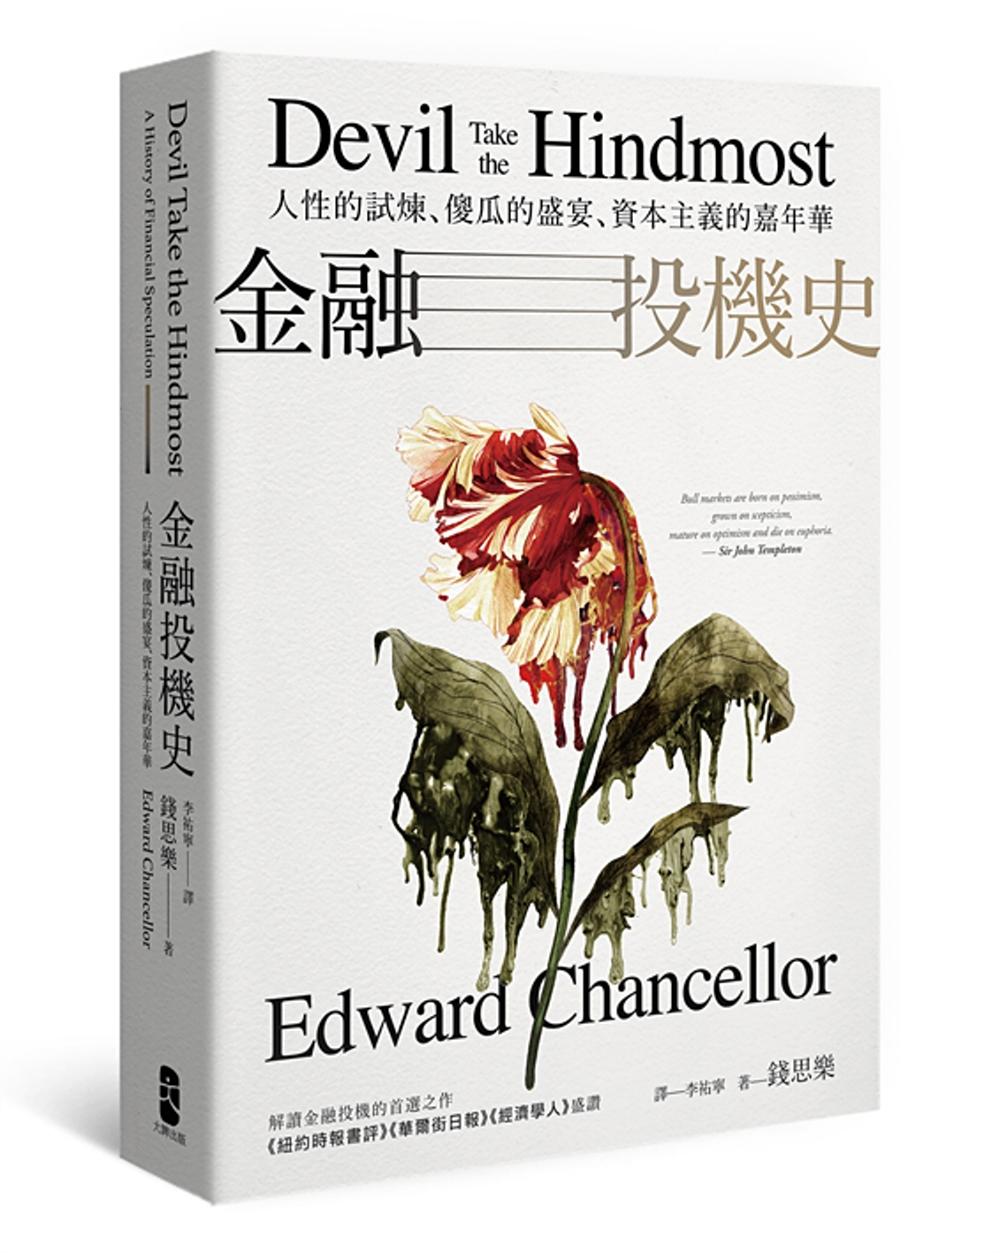 金融投機史:人性的試煉、傻瓜的盛宴、資本主義的嘉年華